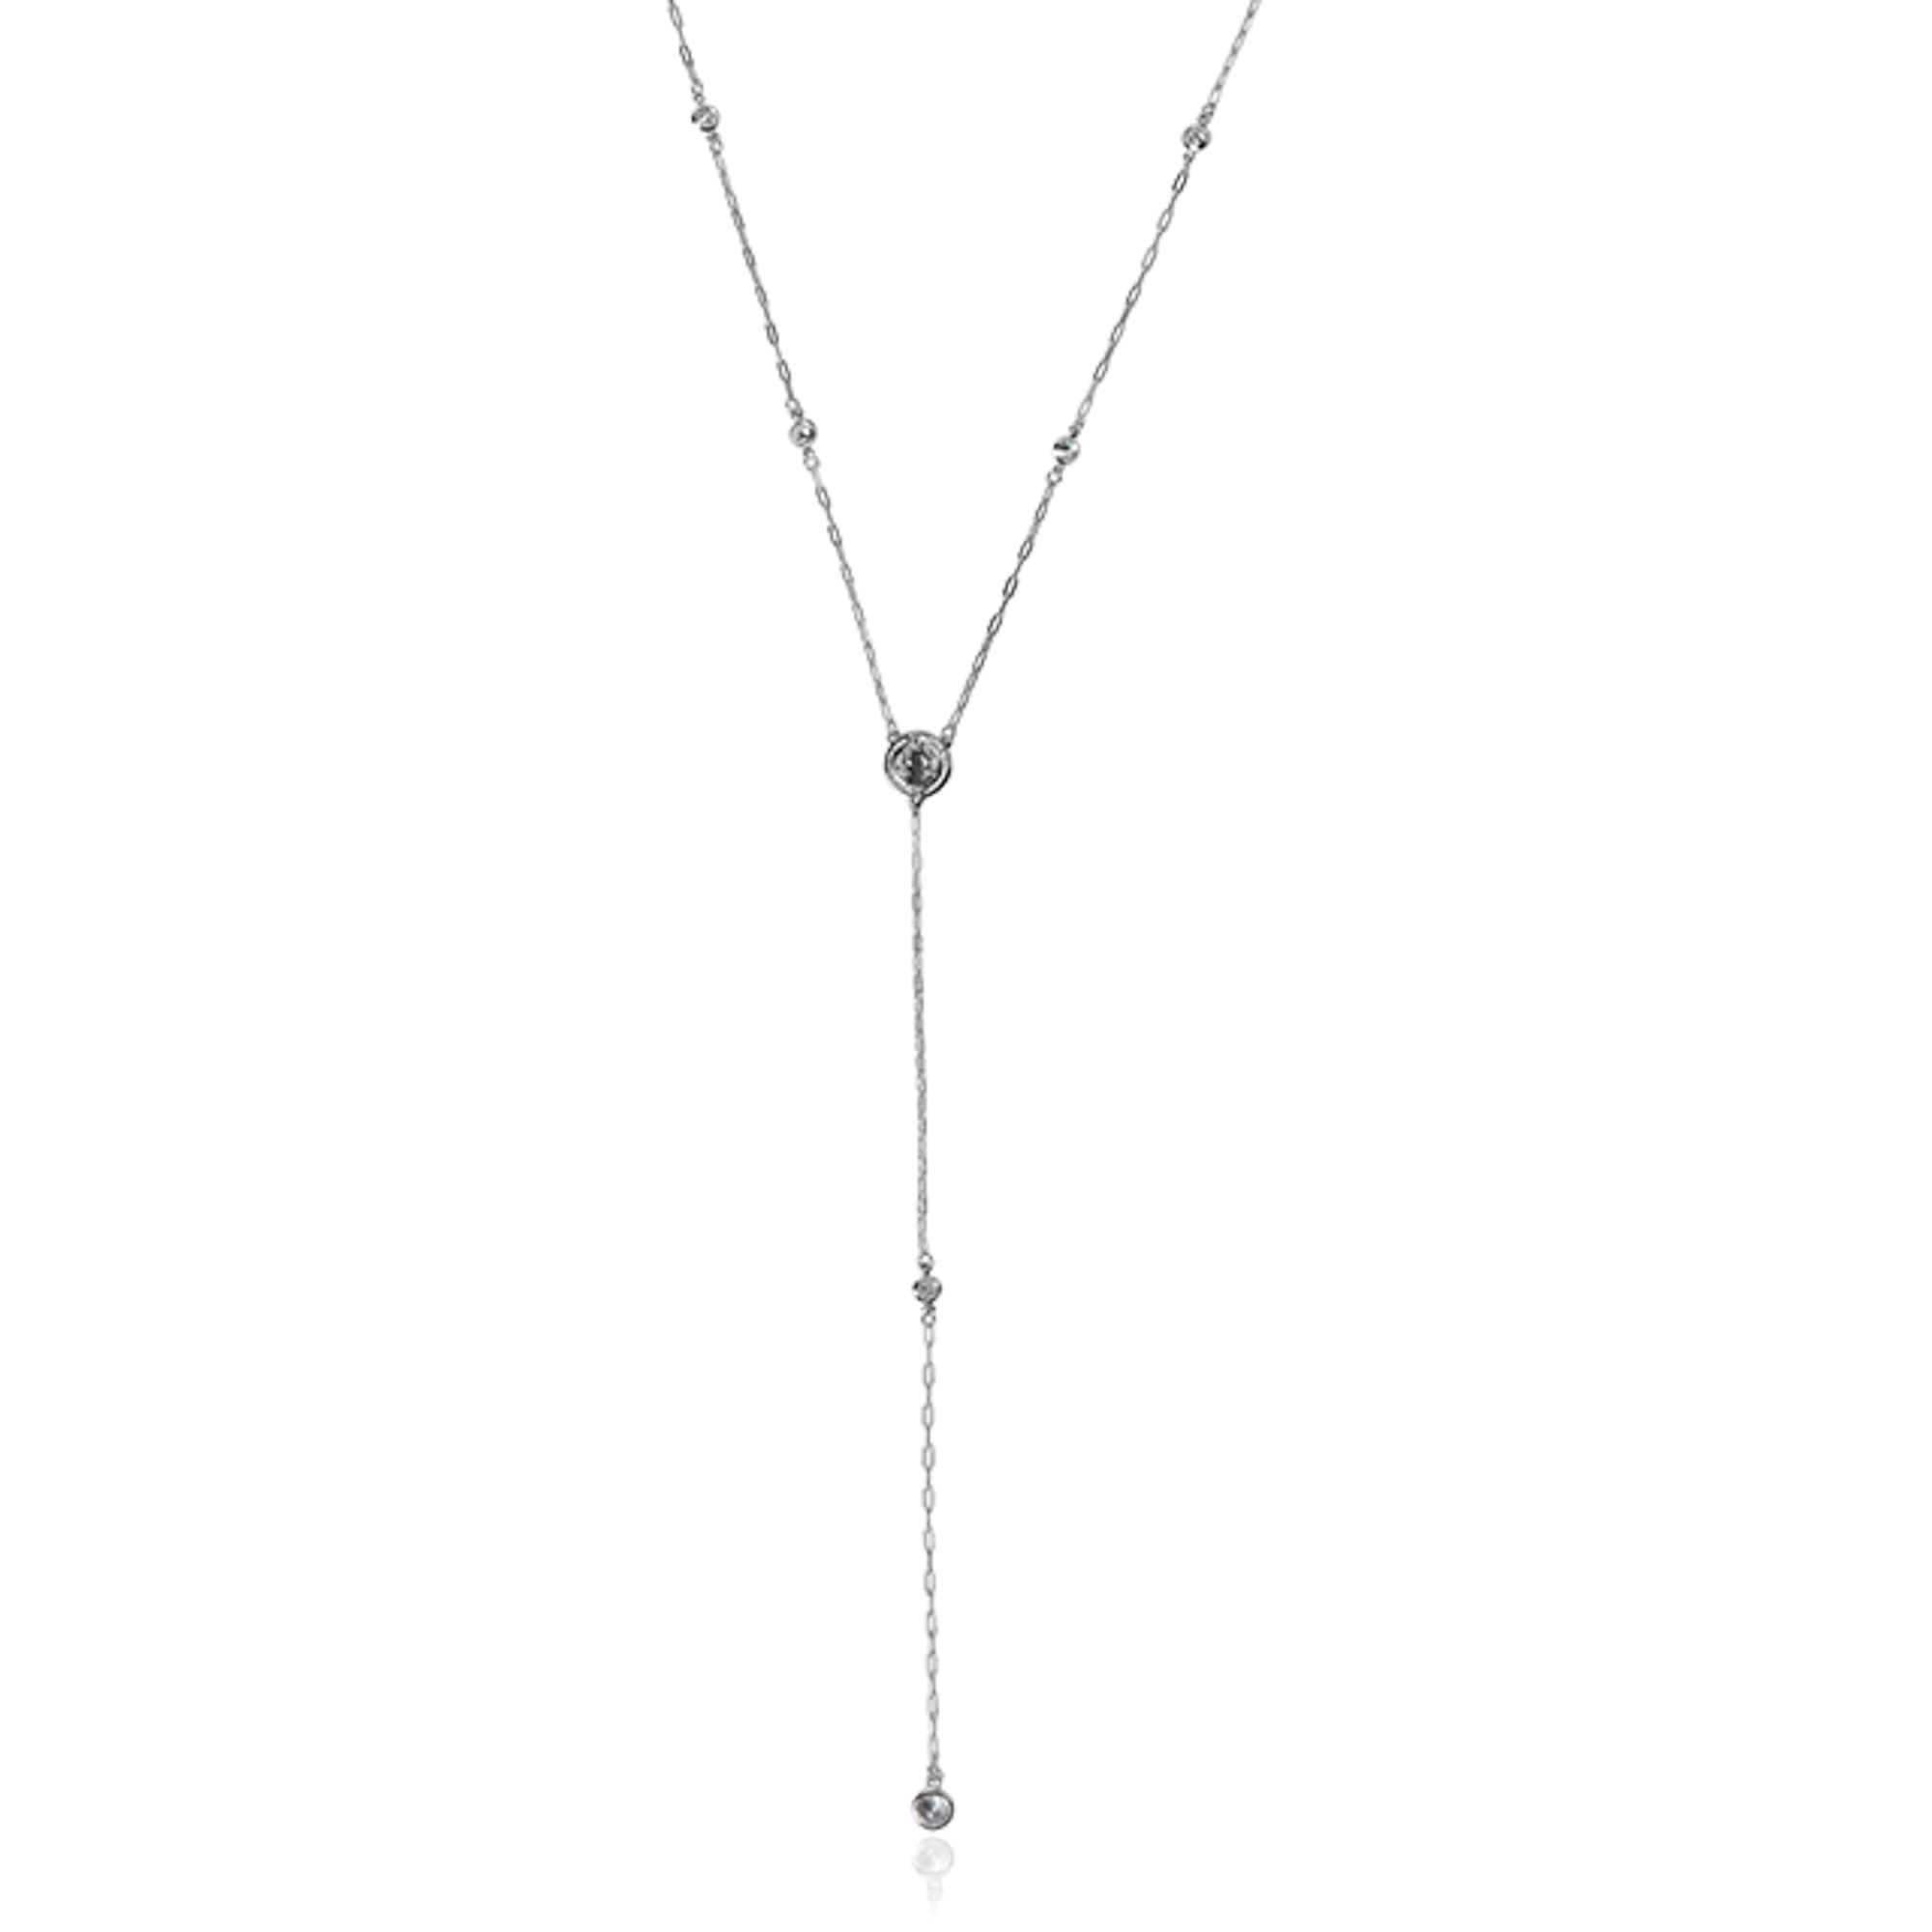 Colar Gravata Prata Inspiração Cartier com Cristais e Medalha